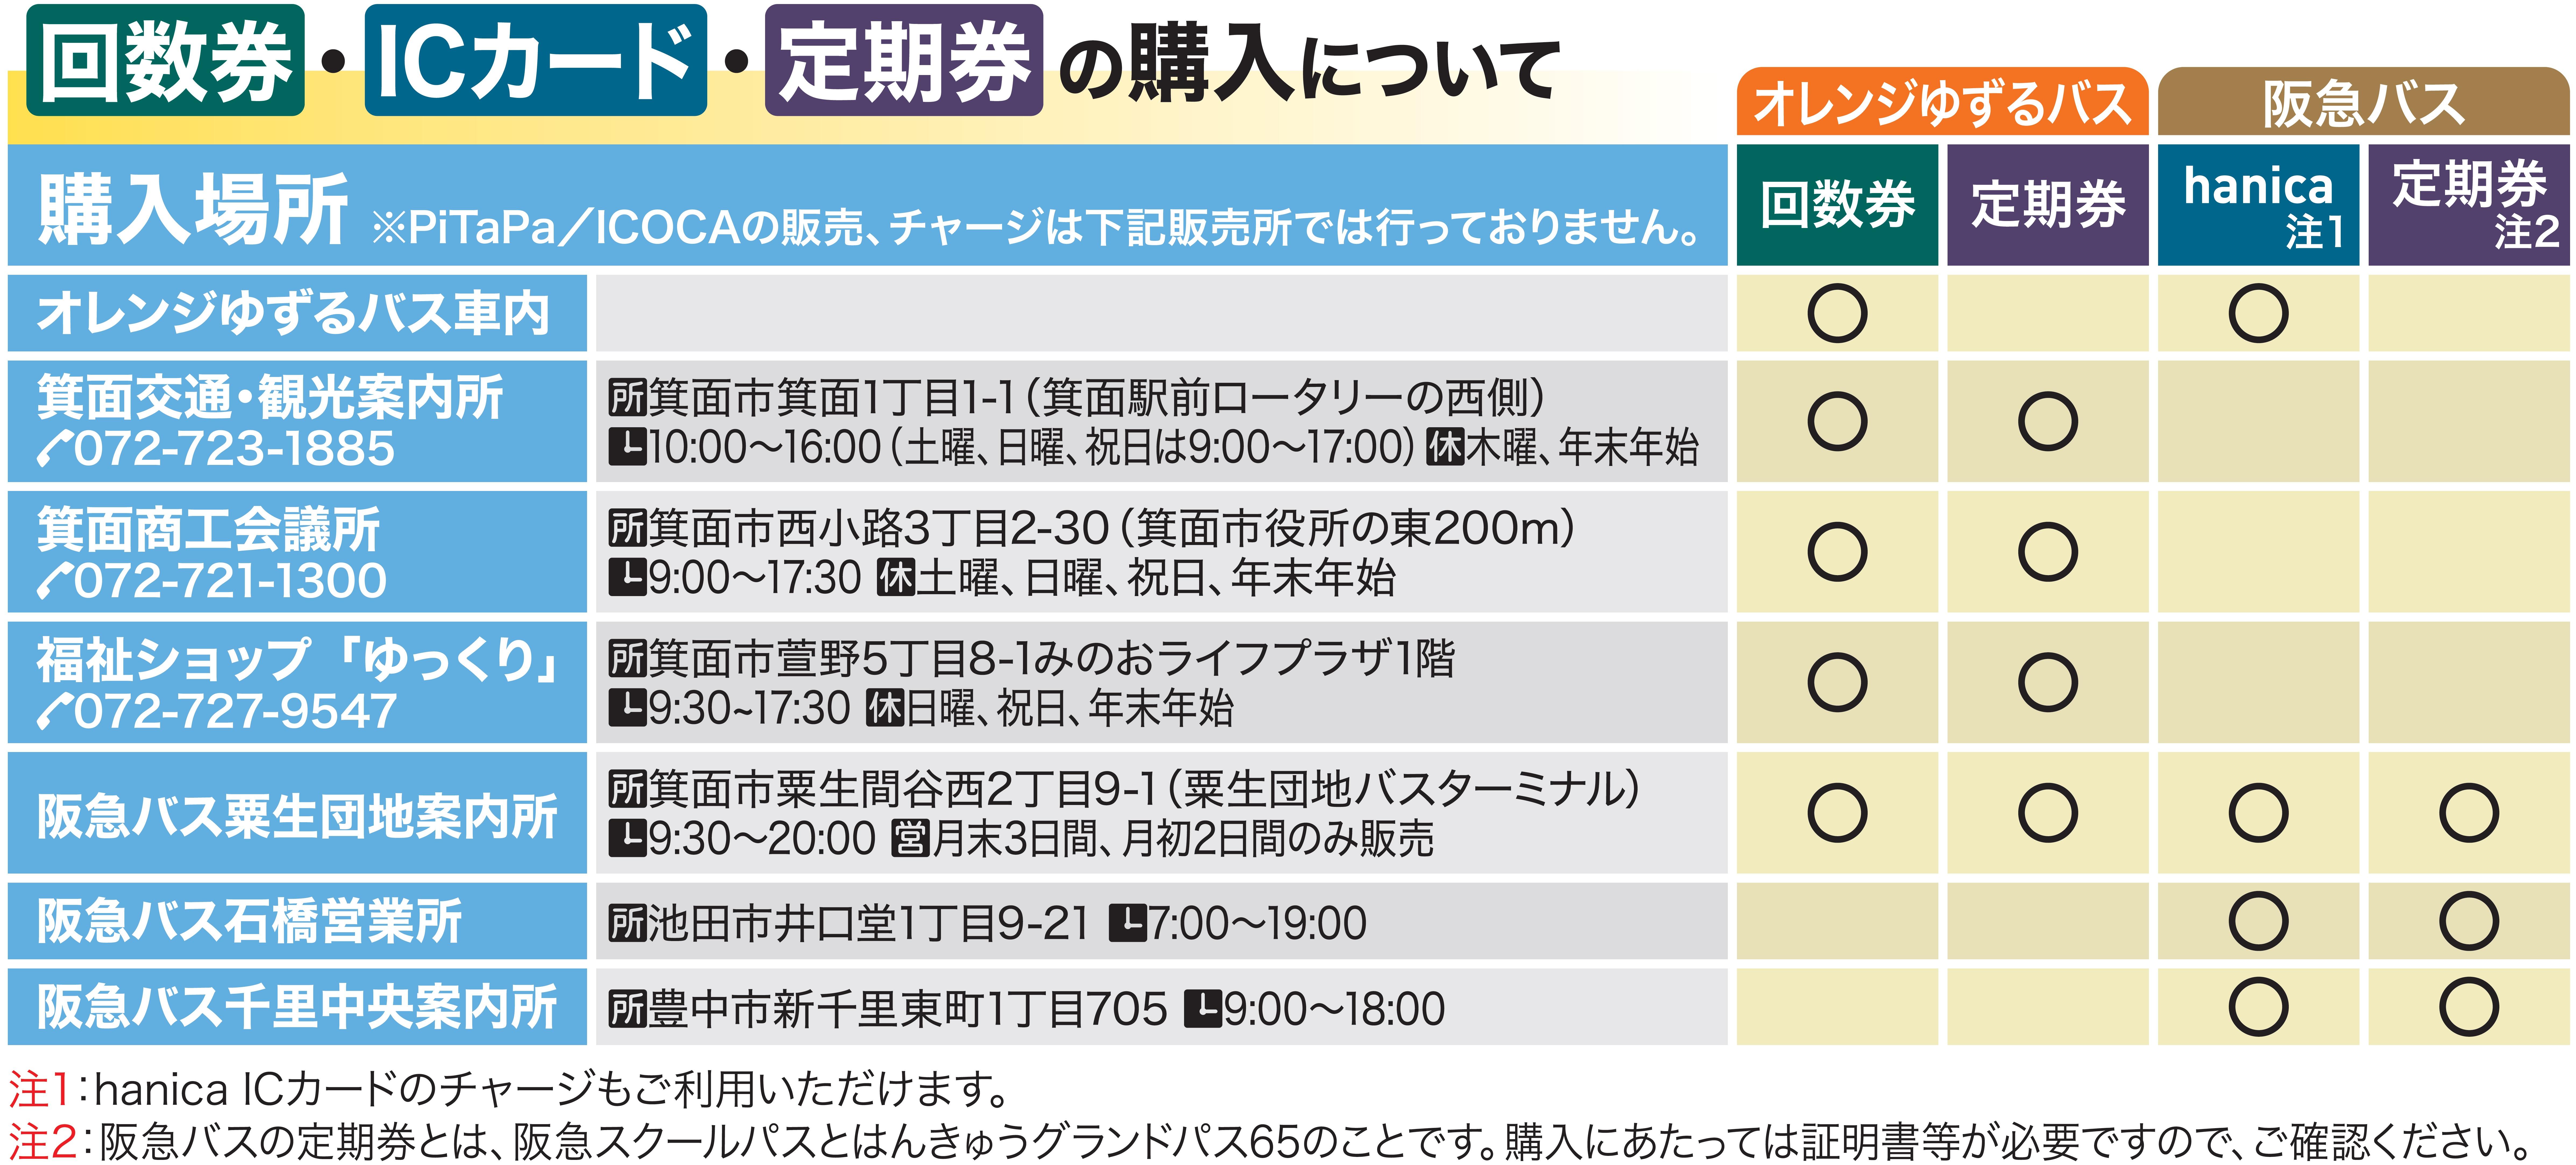 大阪 シティ バス 定期 券